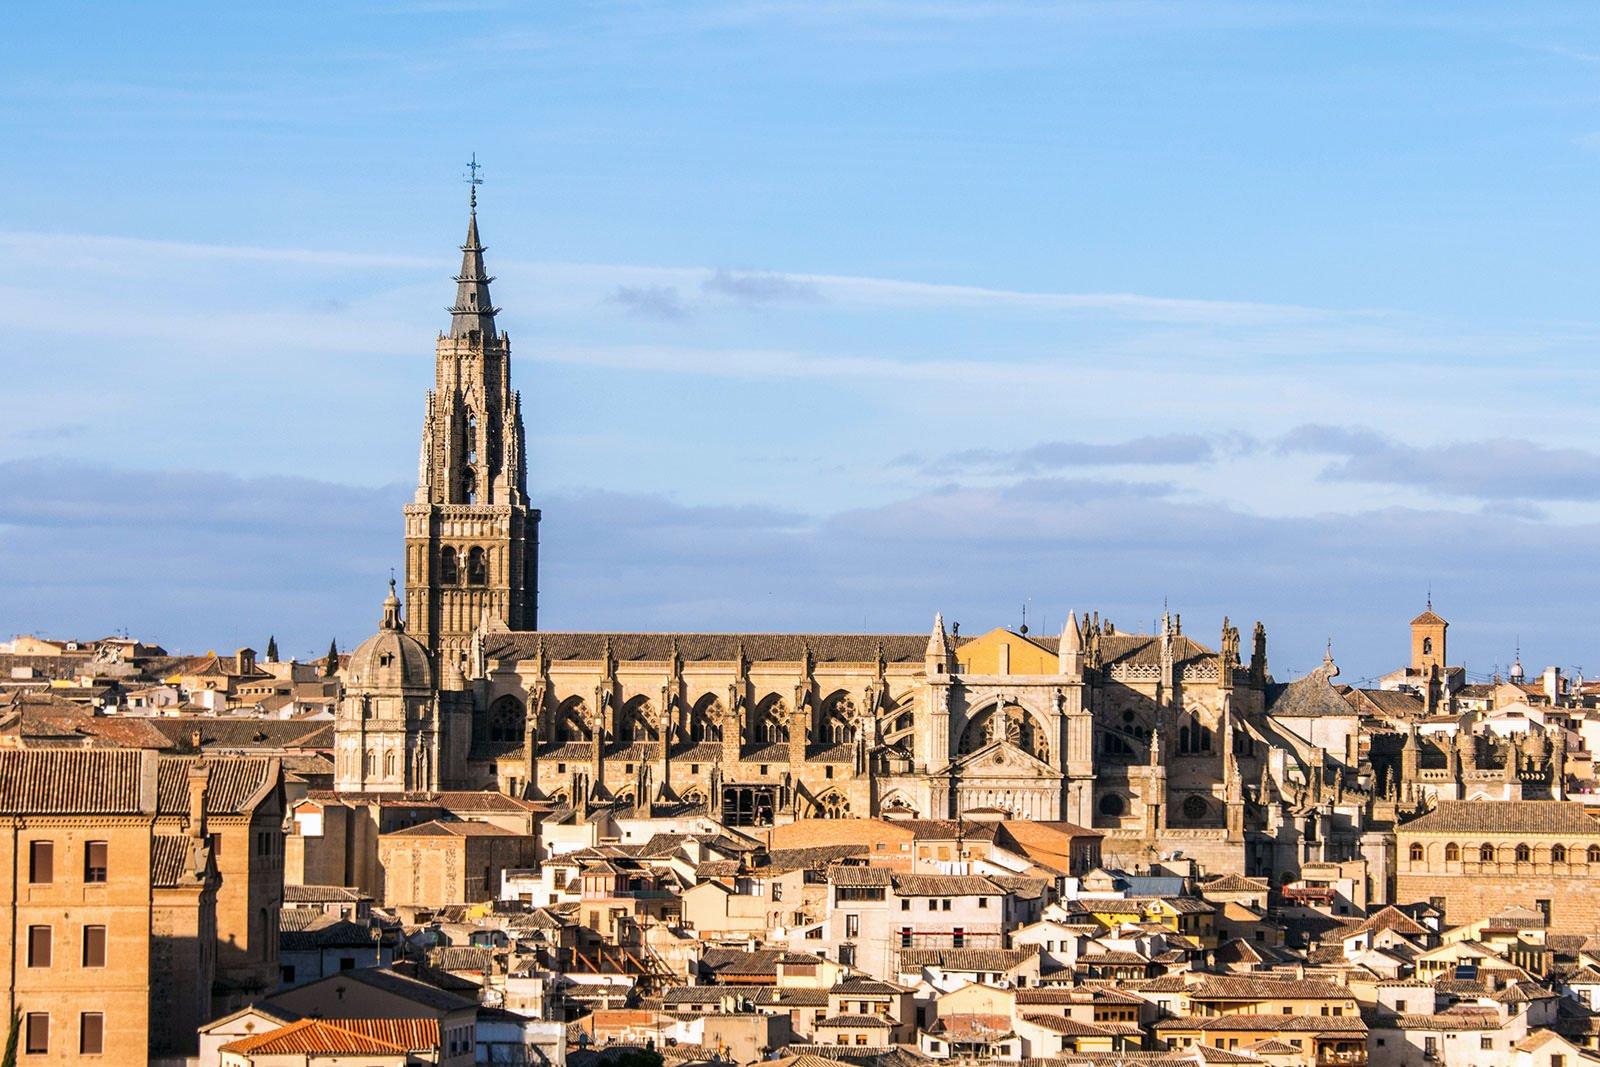 Cartina Spagna Toledo.10 Cose Da Fare A Toledo In Un Giorno Per Cosa E Famosa Toledo Go Guides